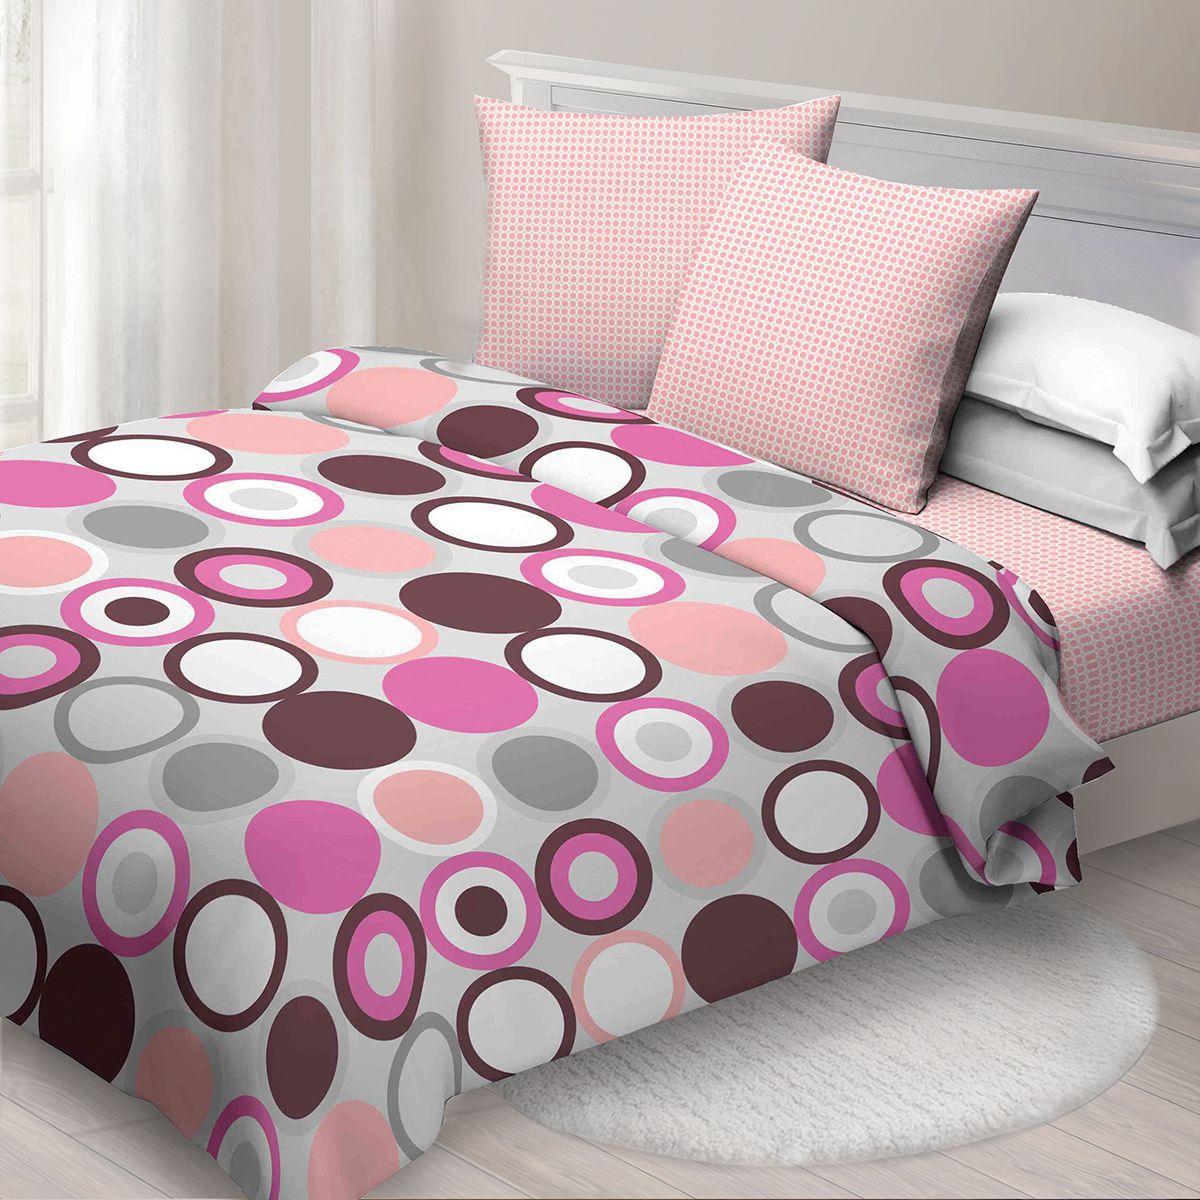 Комплект белья Спал Спалыч Ронди, 2-х спальное, наволочки 70x70, цвет: бордовый. 4083-1 комплект белья спал спалыч доброе утро 1 5 спальное наволочки 70x70 цвет розовый